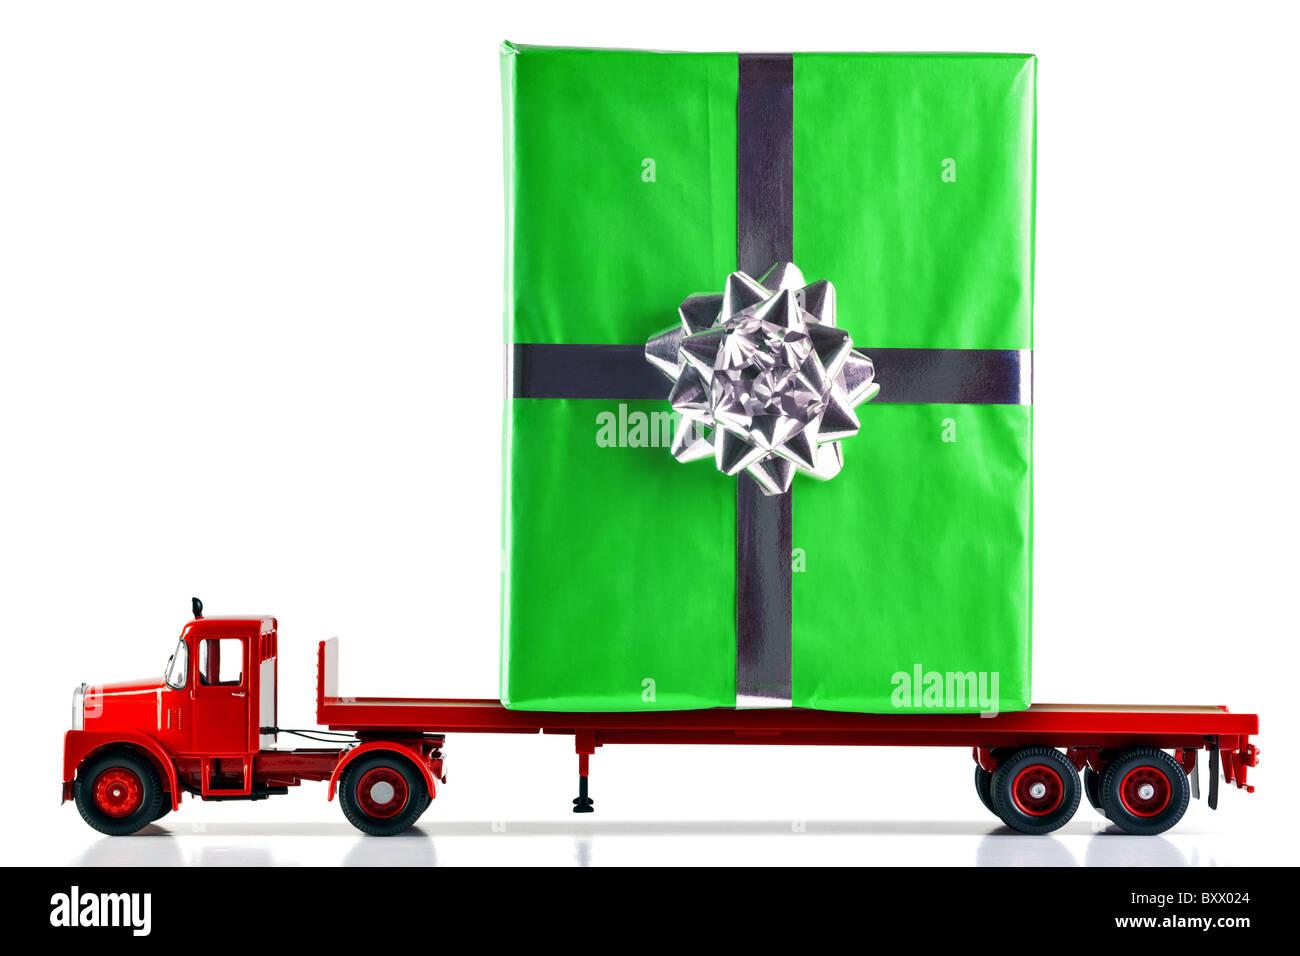 Un envoltorio de regalo presente se entregue en un camión de plataforma plana. Aislado sobre un fondo blanco. Imagen De Stock